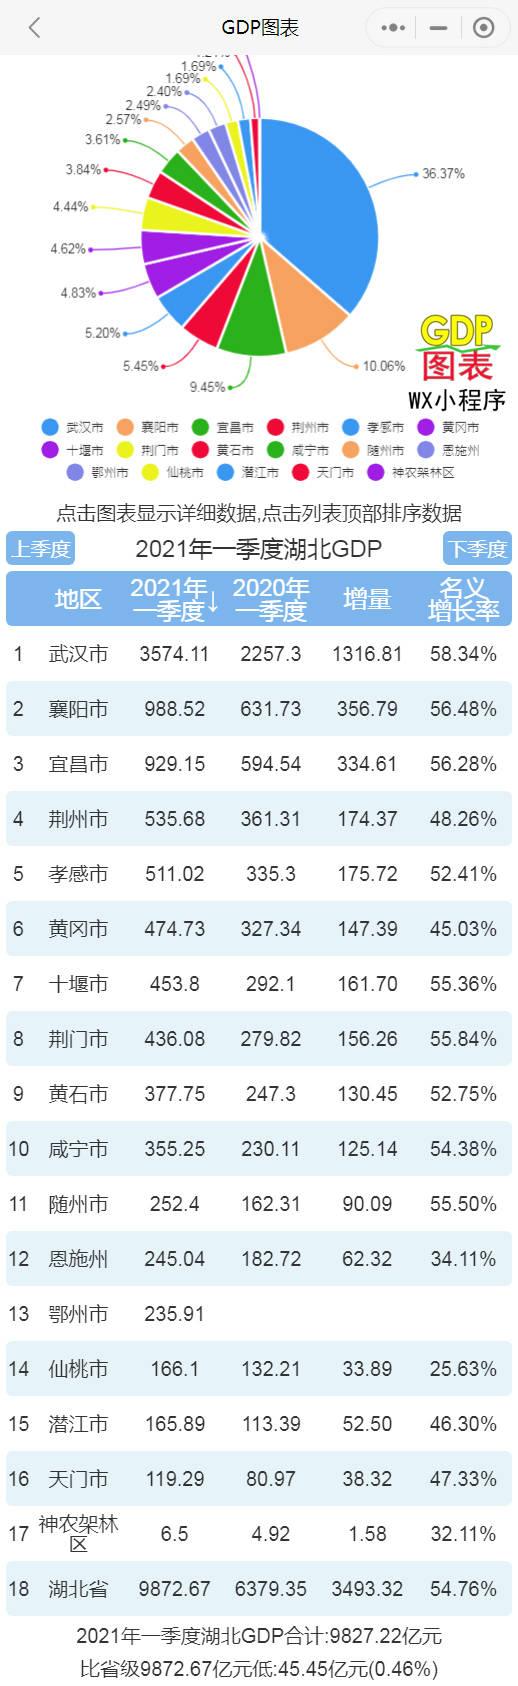 """宜昌和襄阳gdp_湖北13市10年GDP在全国排名变化,开启""""集体暴走""""最多提升64名"""